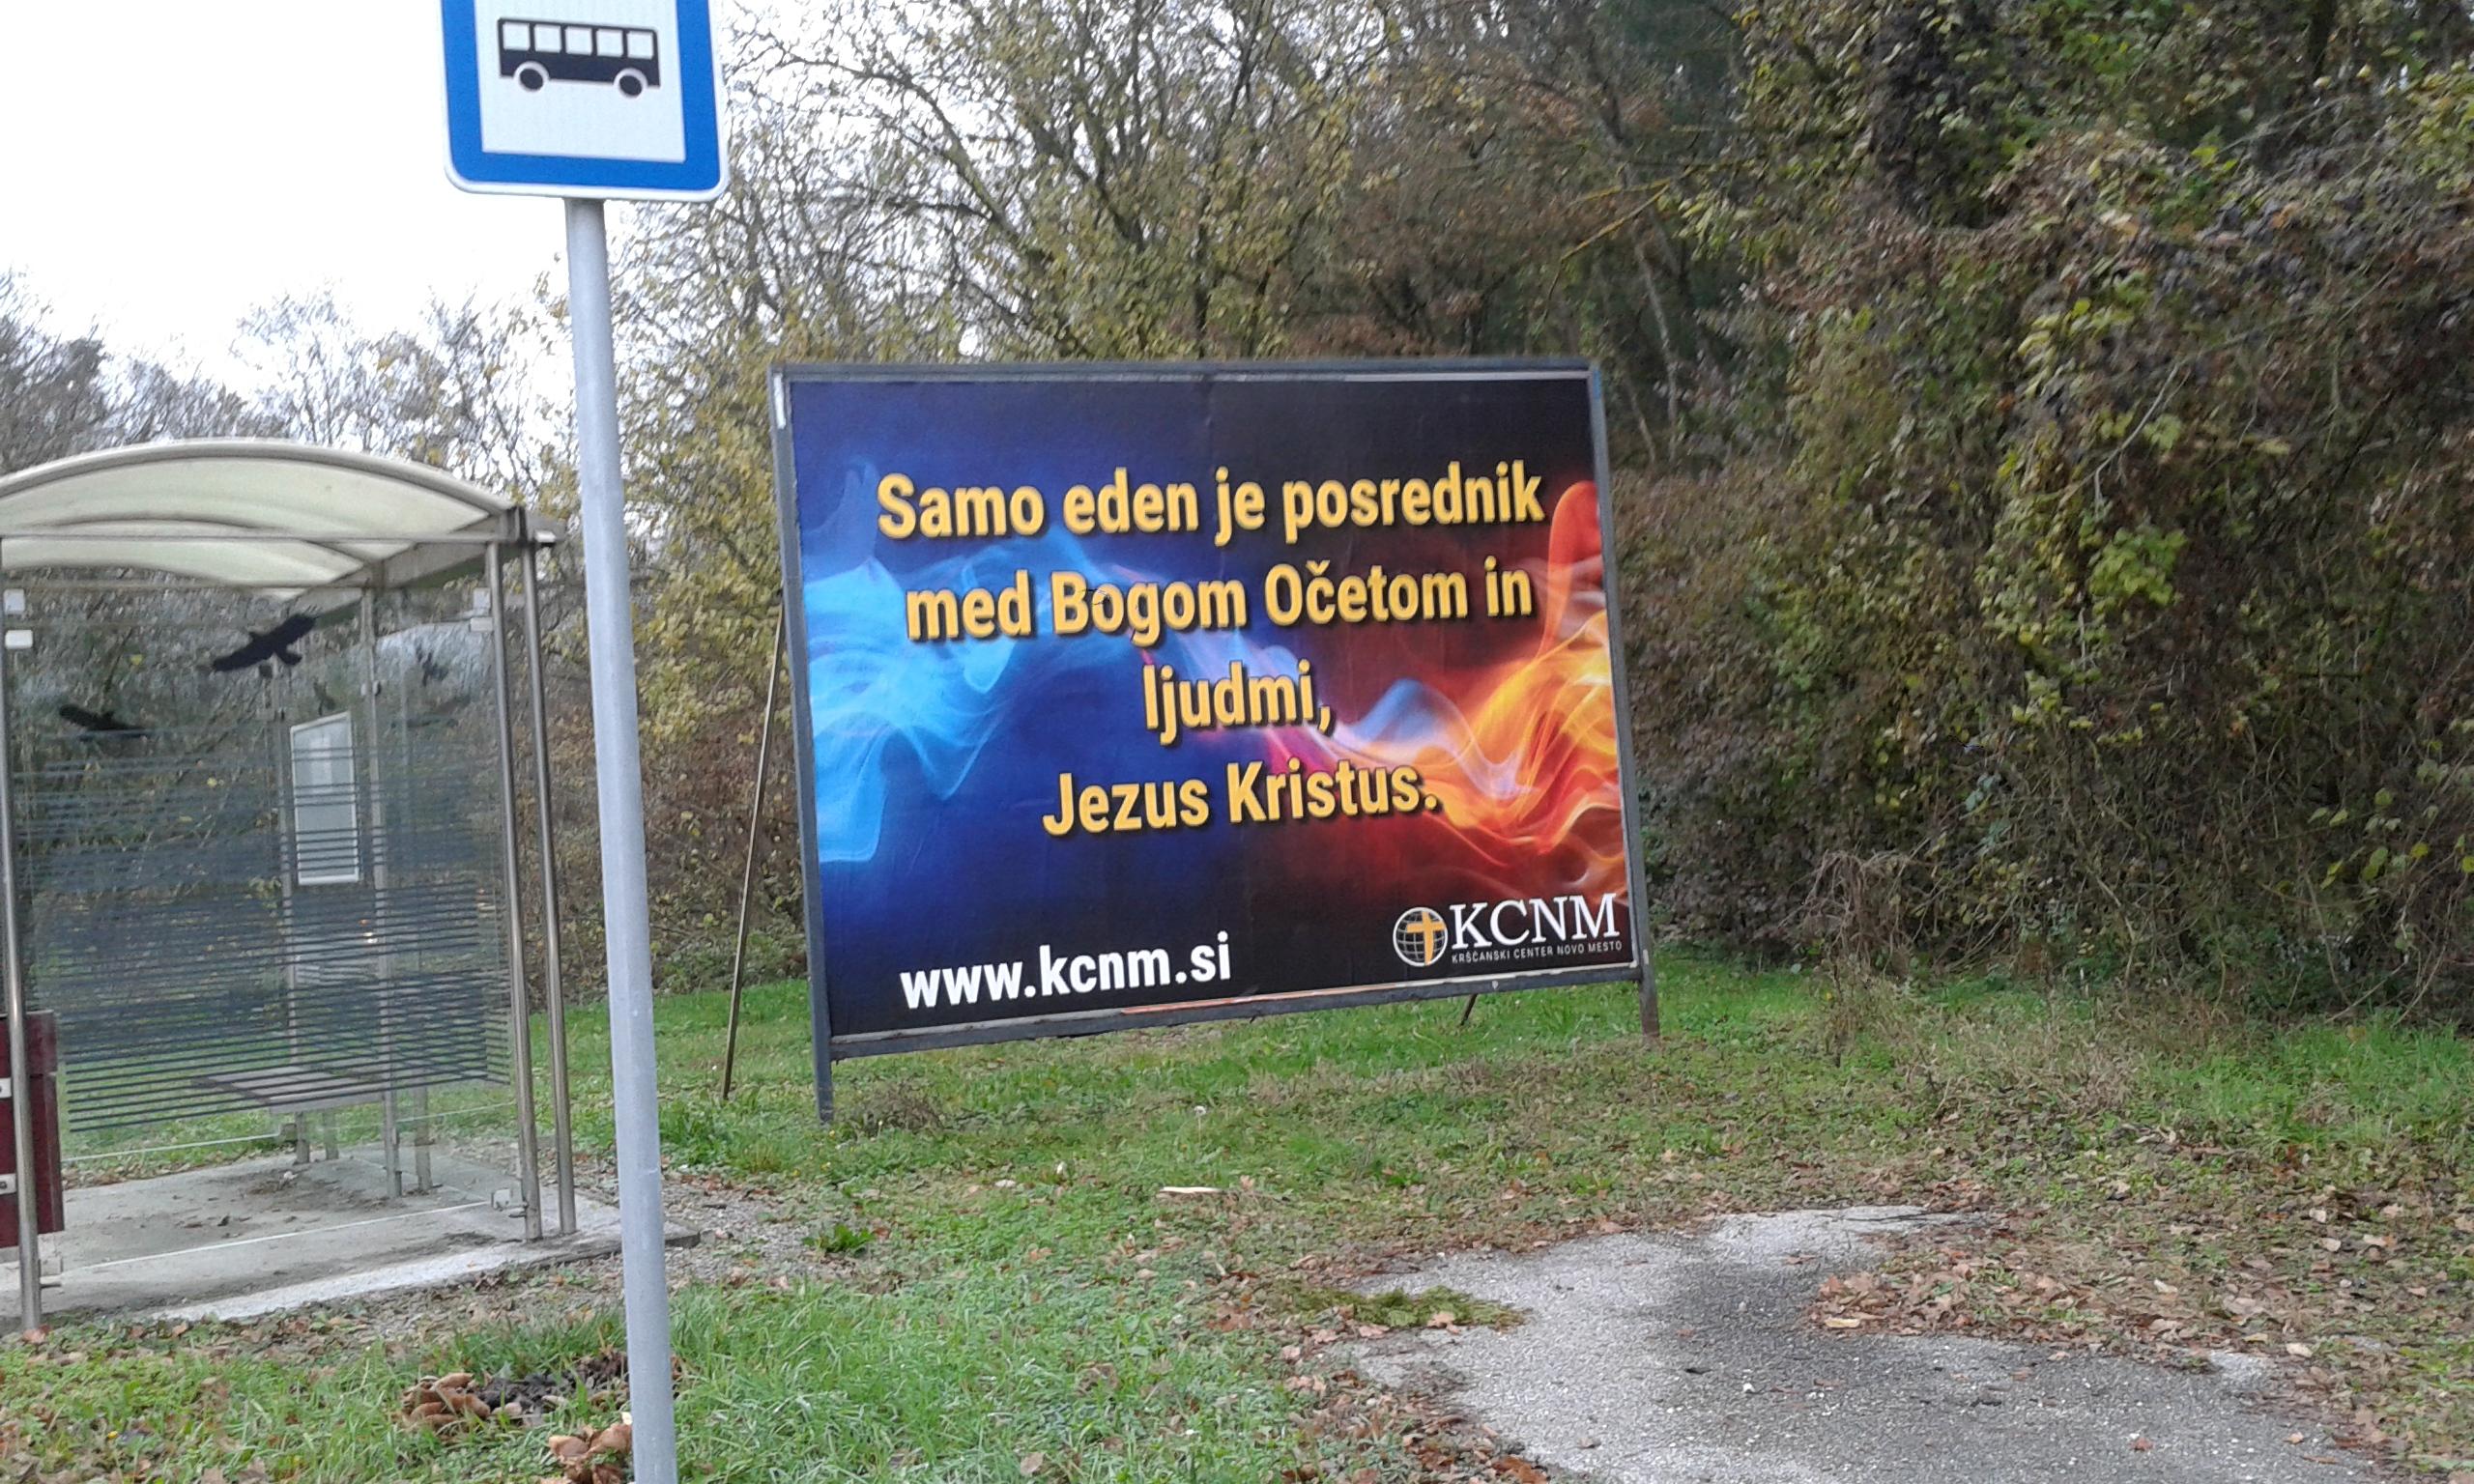 Samo eden je posrednik med Bogom in ljudmi, Kristus Jezus, Jezus živi, Samo v Jezusu je rešitev